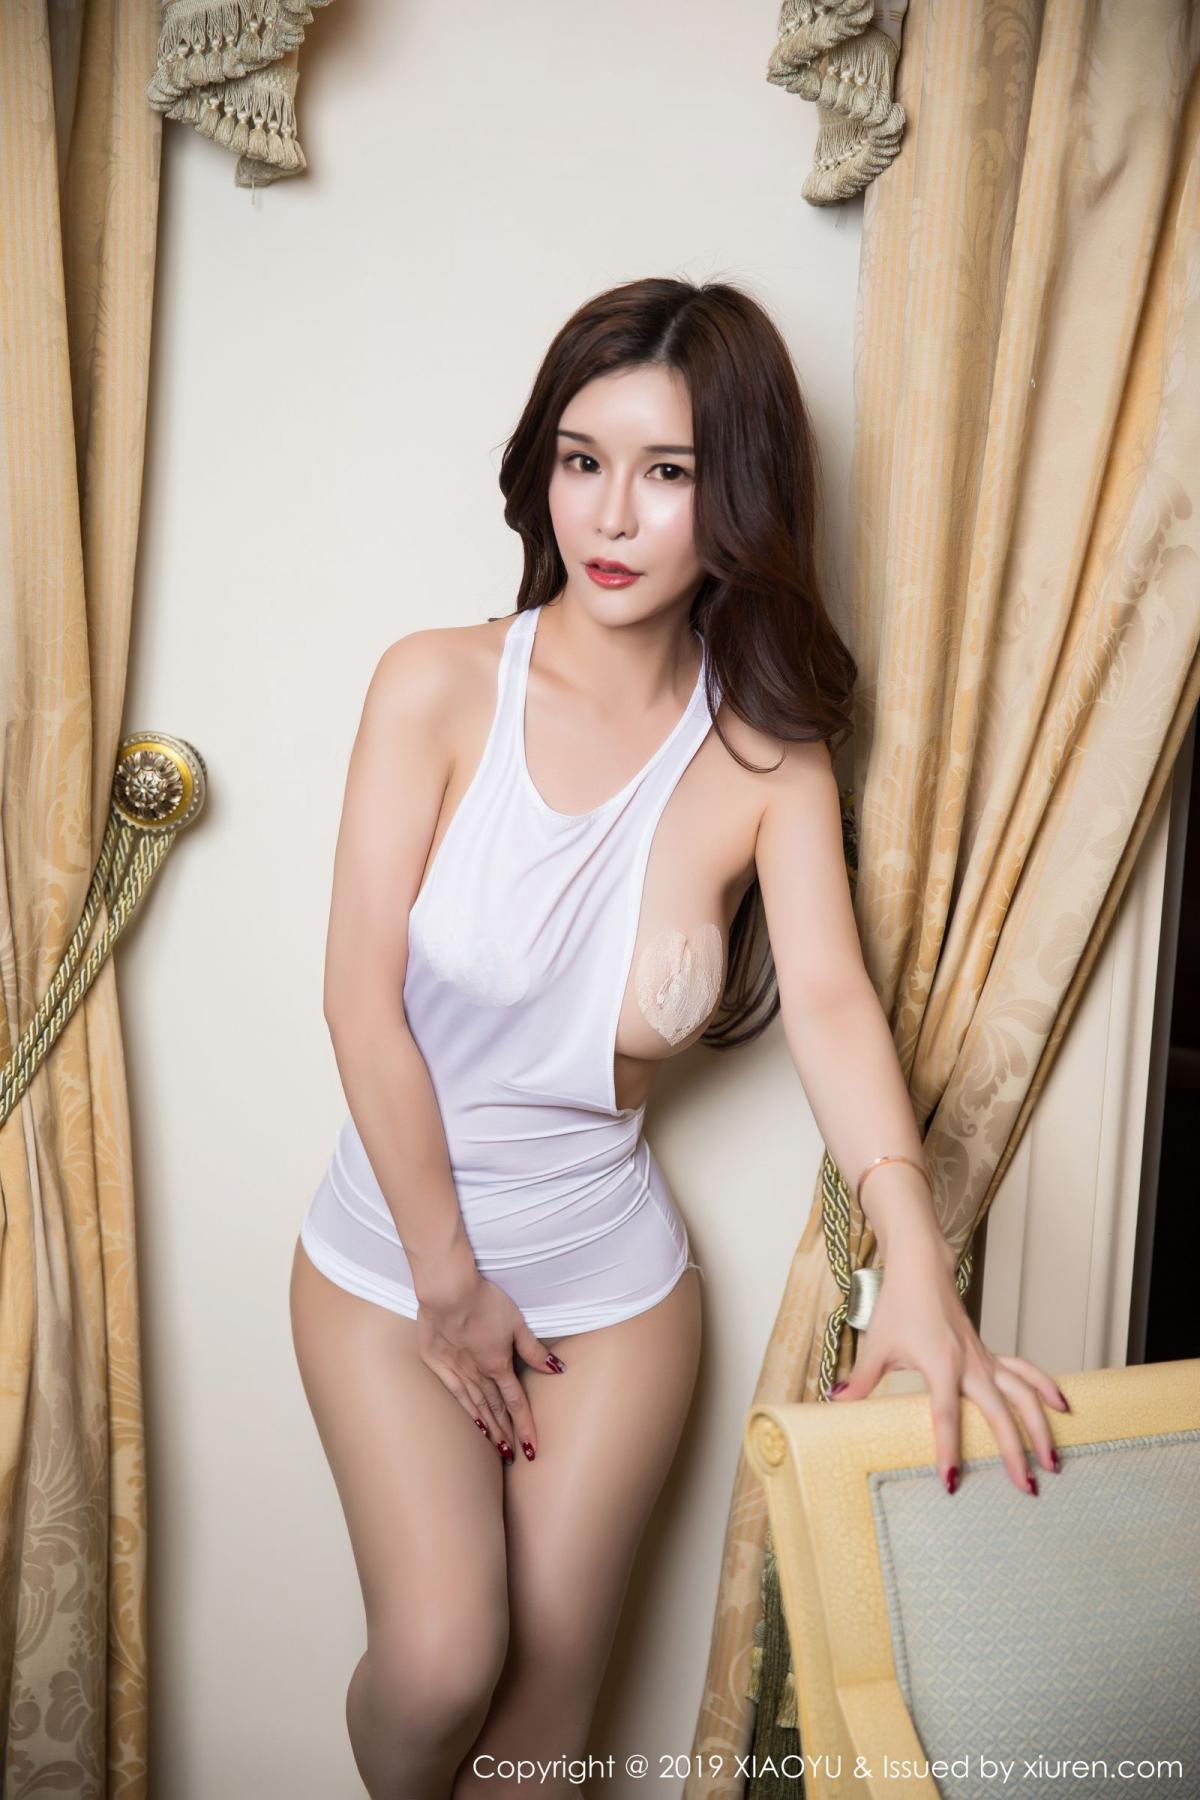 [XiaoYu] Vol.003 Chun Xiao Xi 5P, Adult, Chun Xiao Xi, XiaoYu